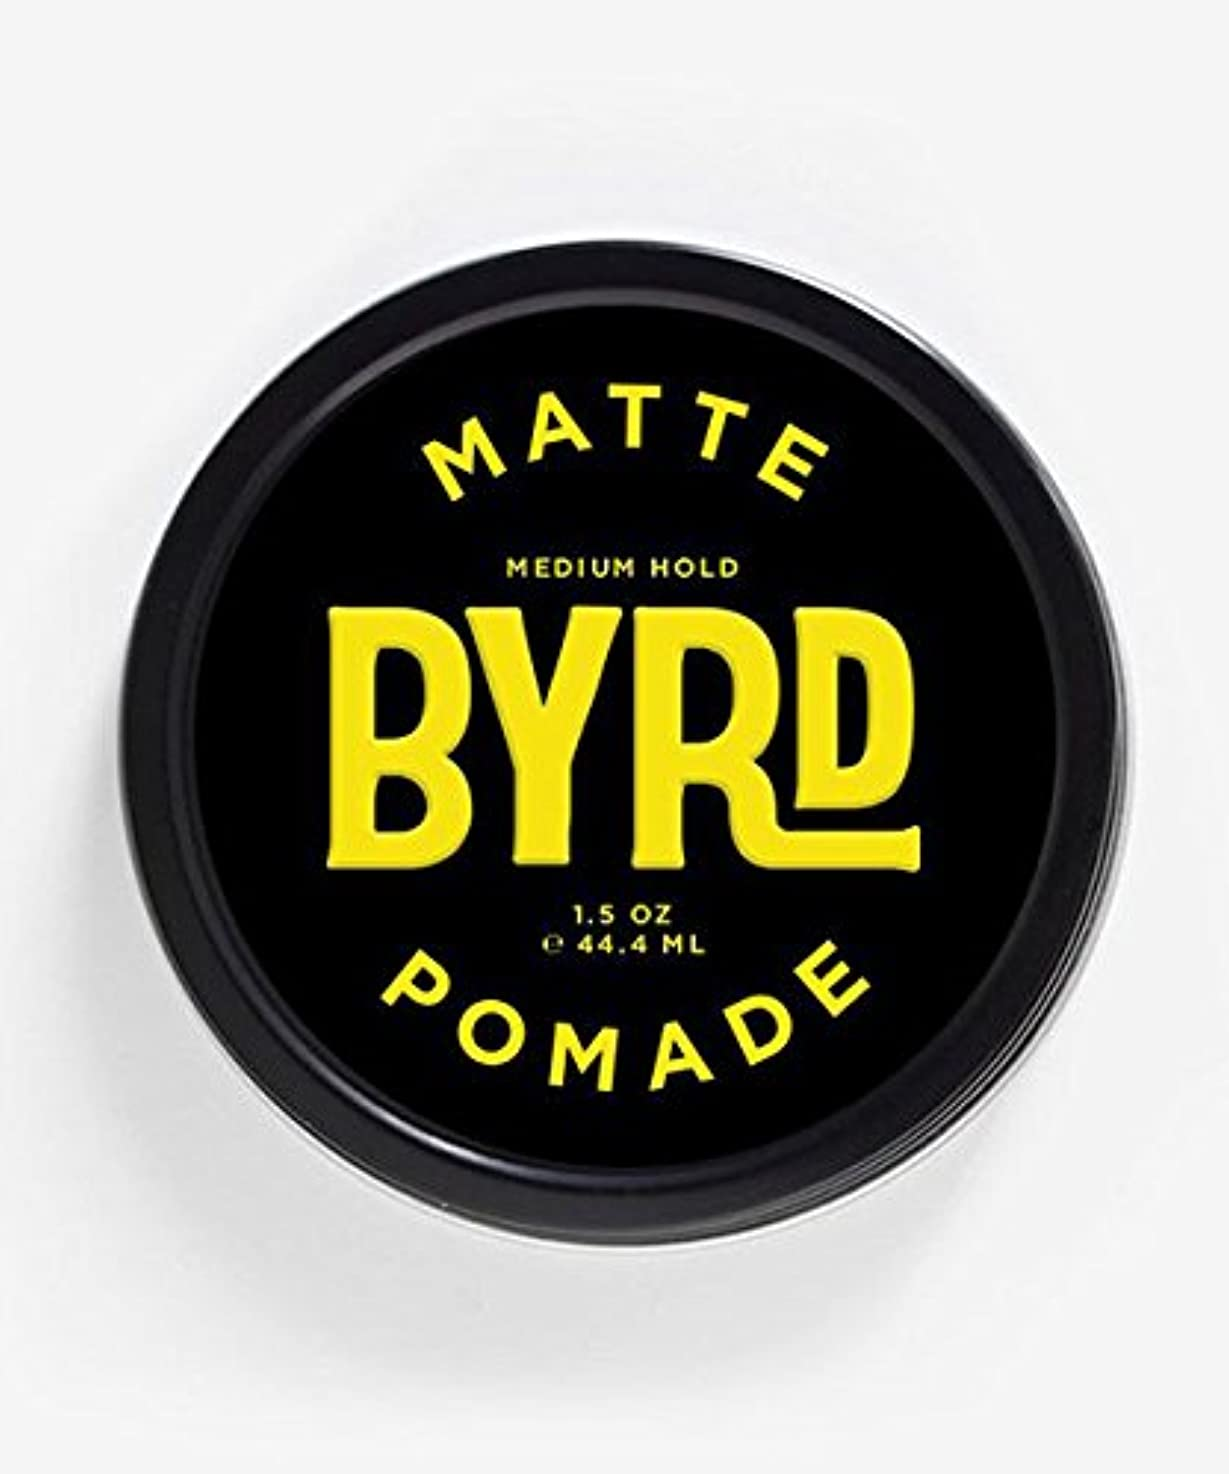 メディック有効化呼び起こすBYRD(バード) マットポマード 42g